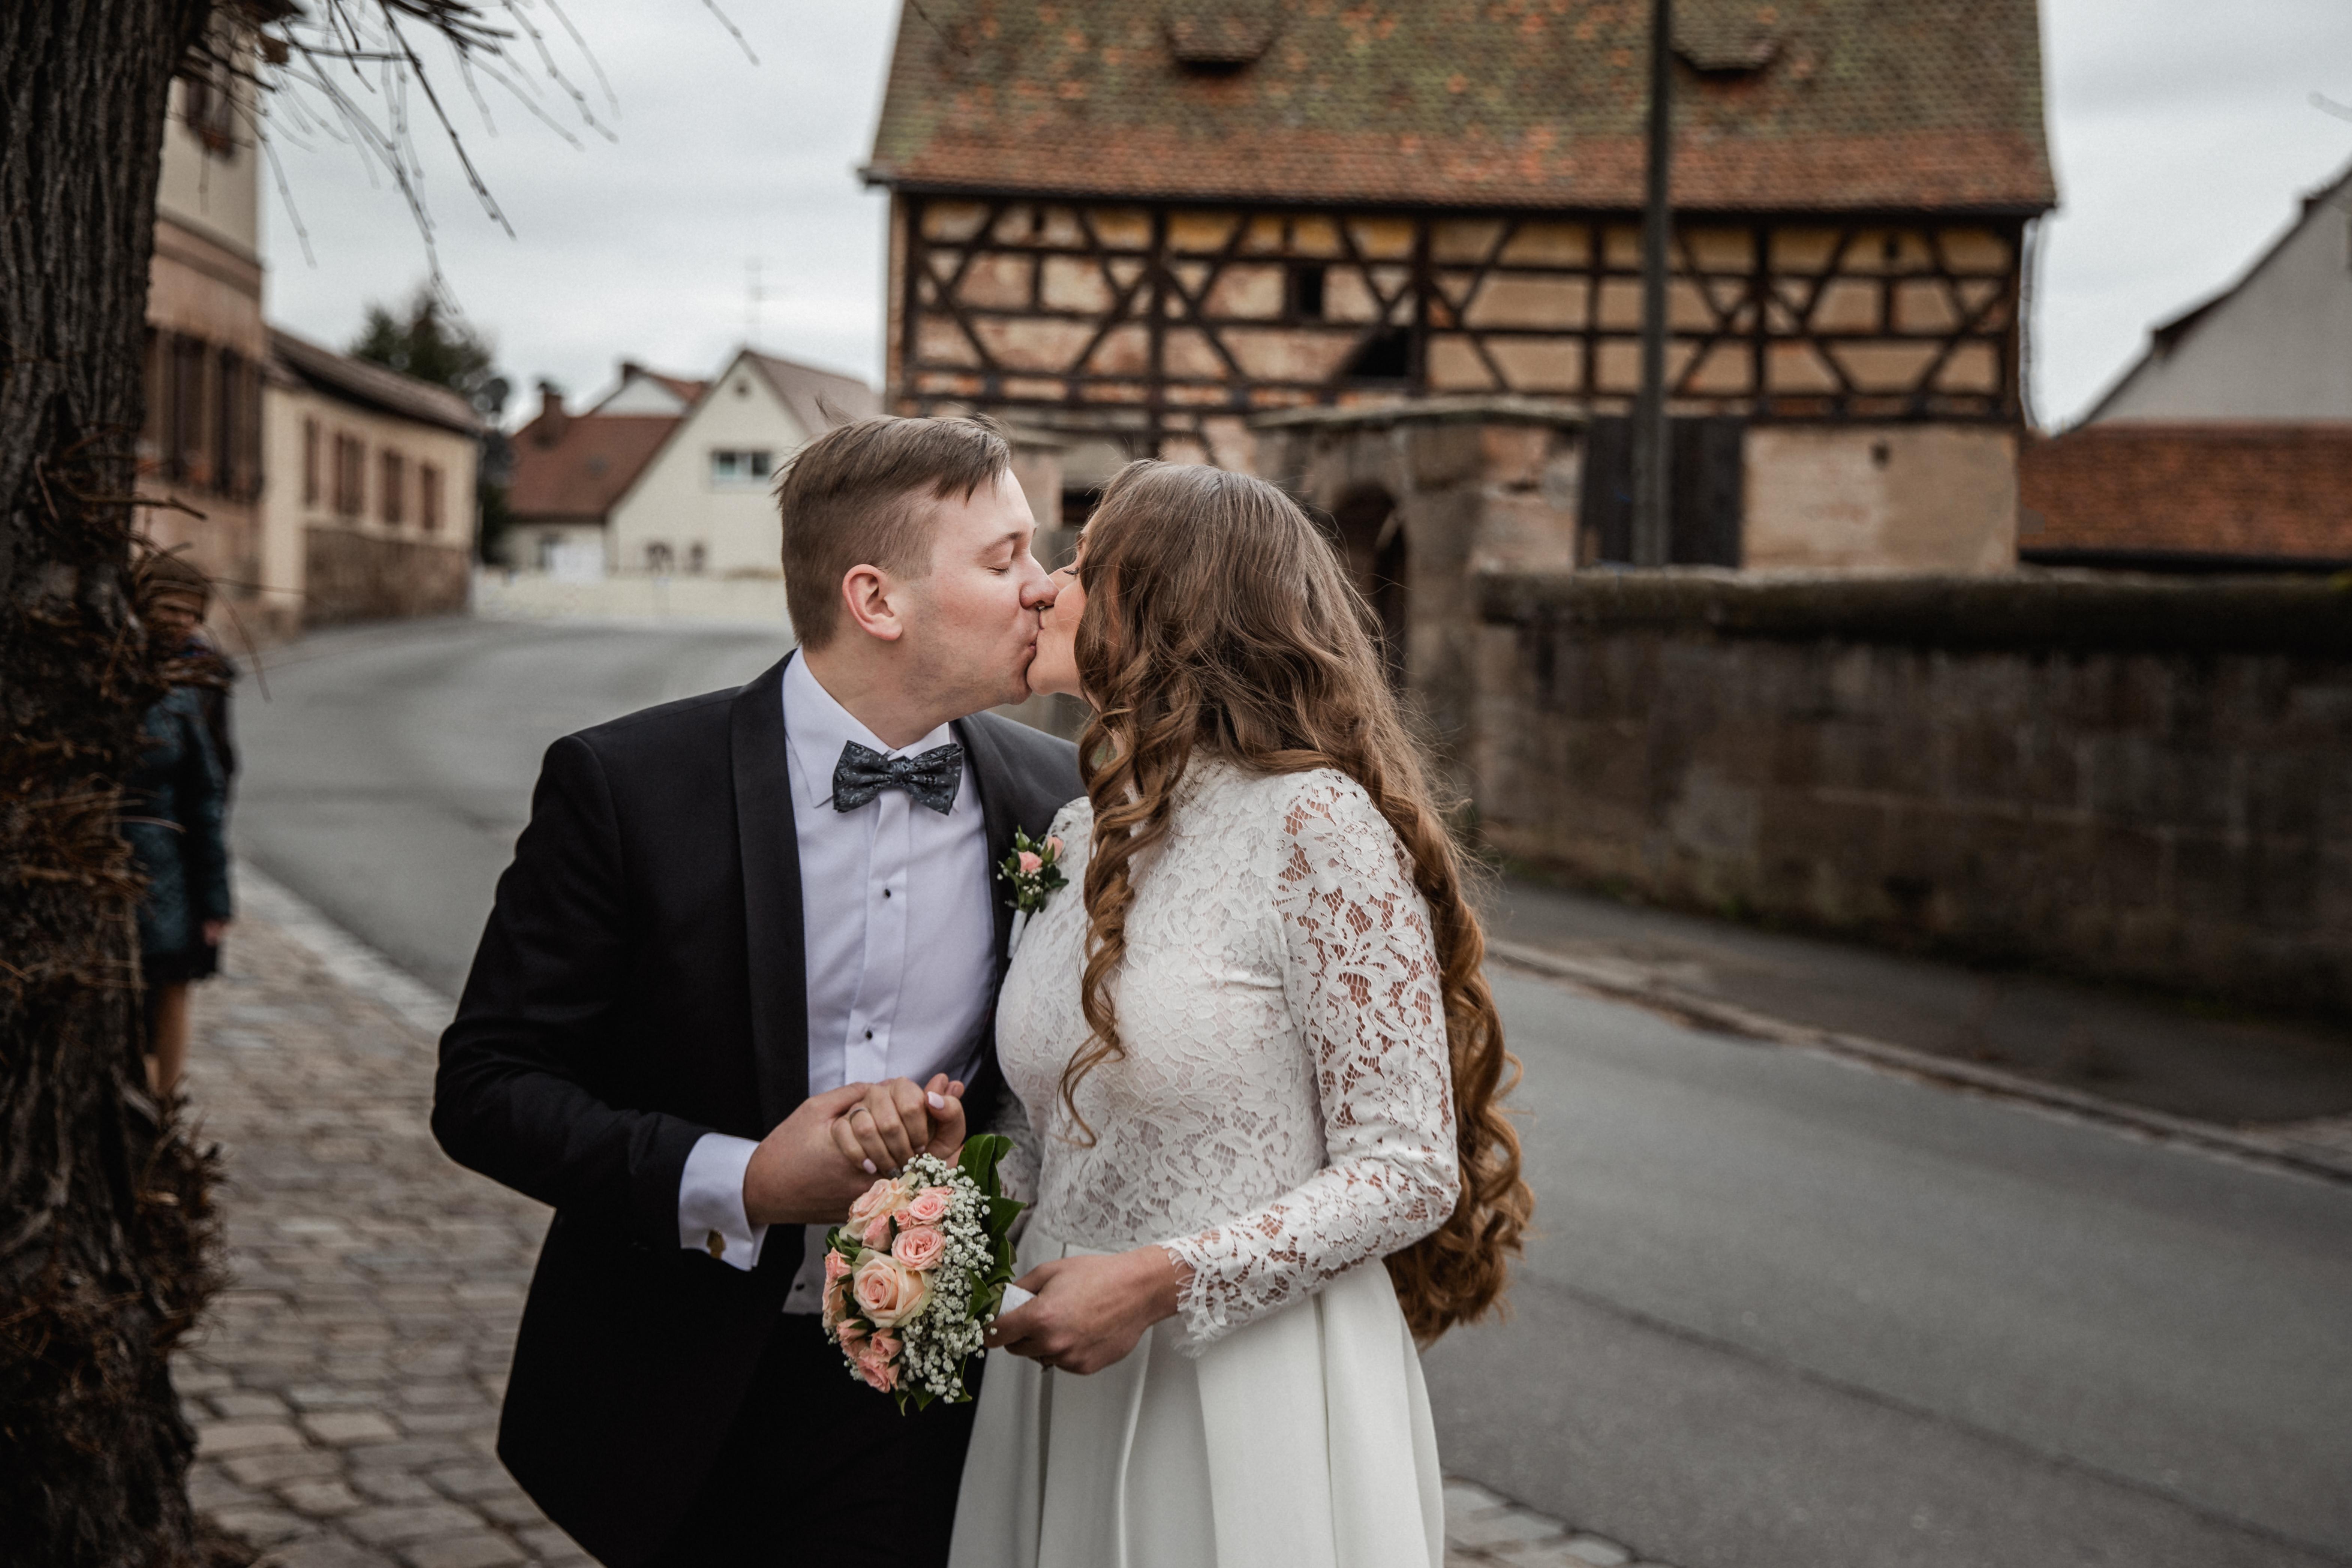 Hochzeitsfotograf-Grossgruendlach-Standesamt-Hallerschloss-Urbanerie-Stazija-und-Michael-031